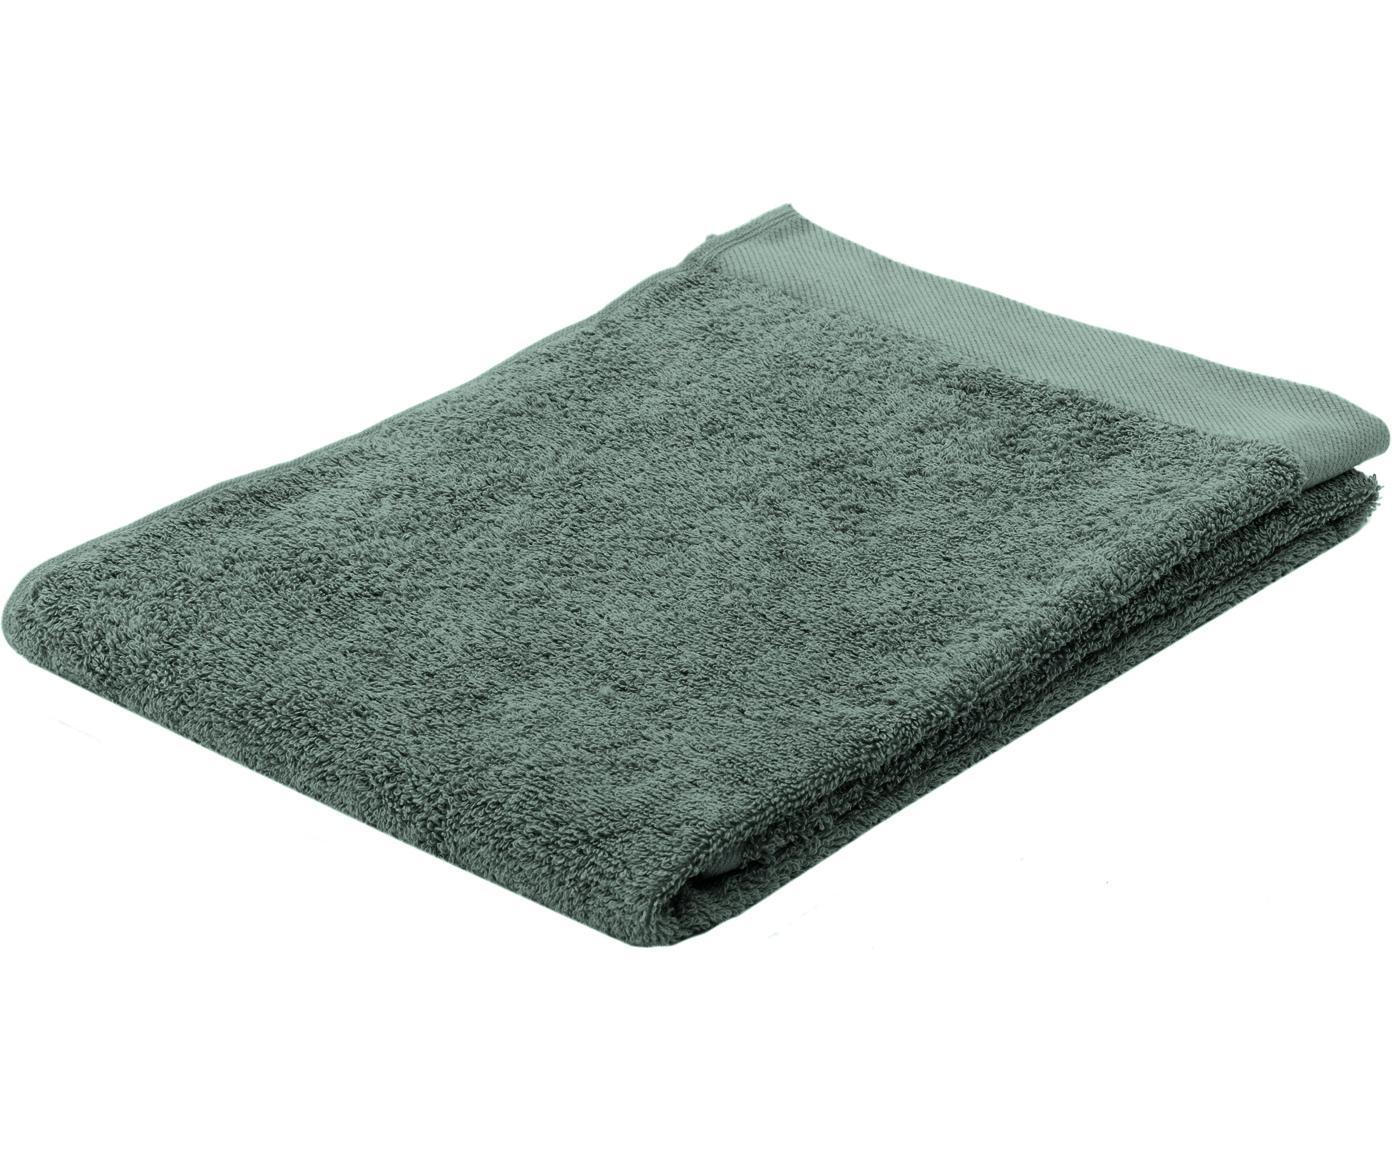 Handtuch Blend aus recyceltem Baumwoll-Mix, Grün, Handtuch